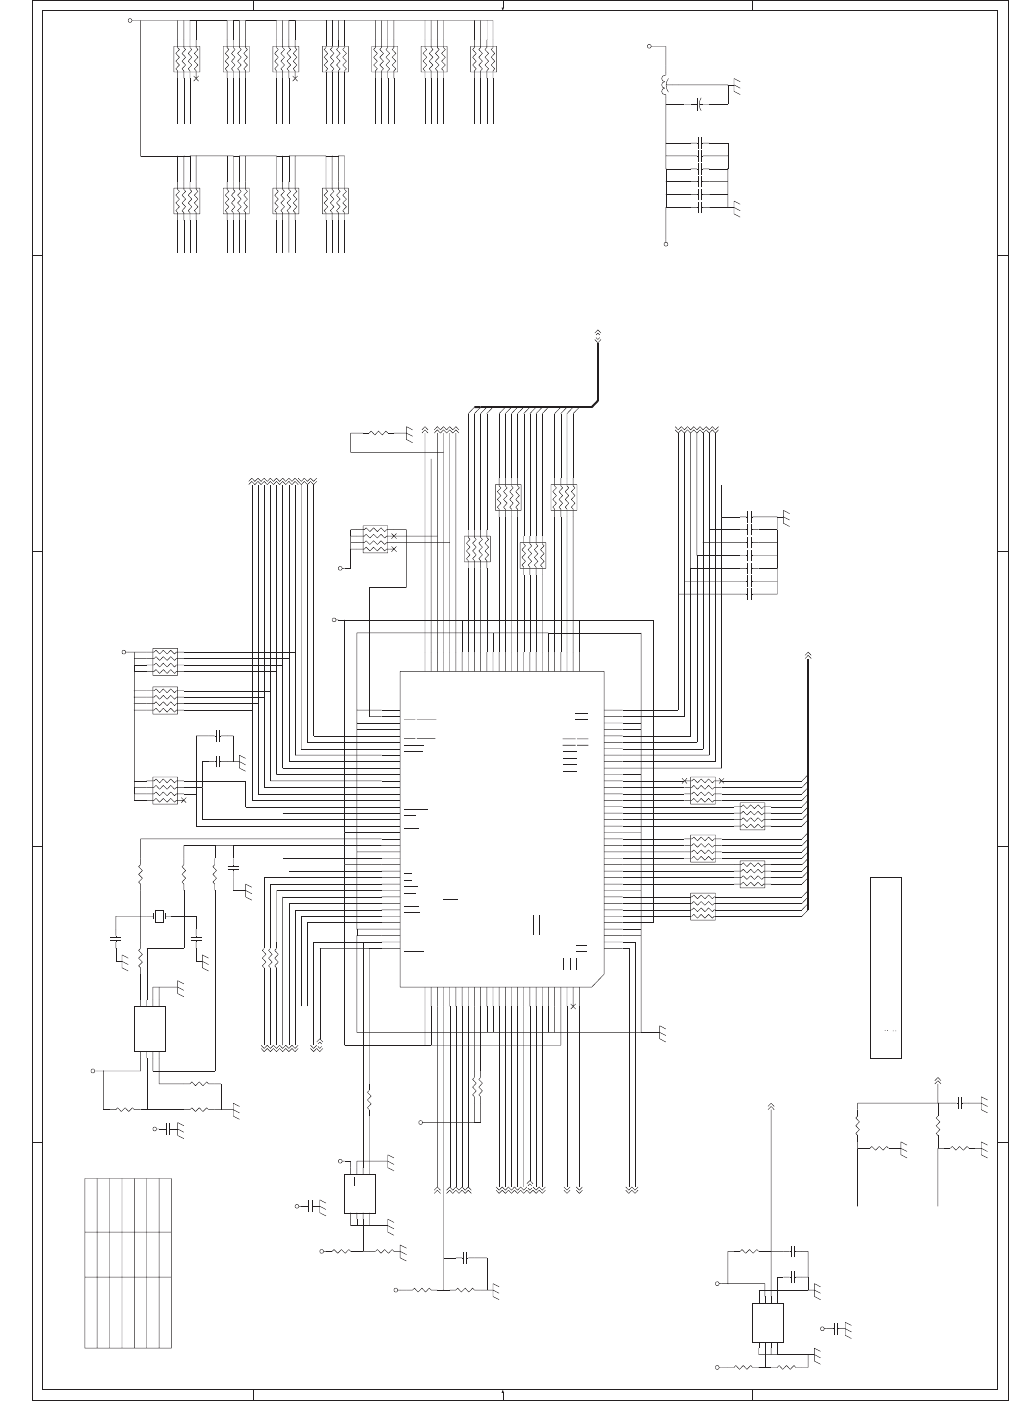 Al 1217 1457 Service Manual Al1217 Has Pulse Delay Suck Close Relay Circuit Controlcircuit Diagram 13 1